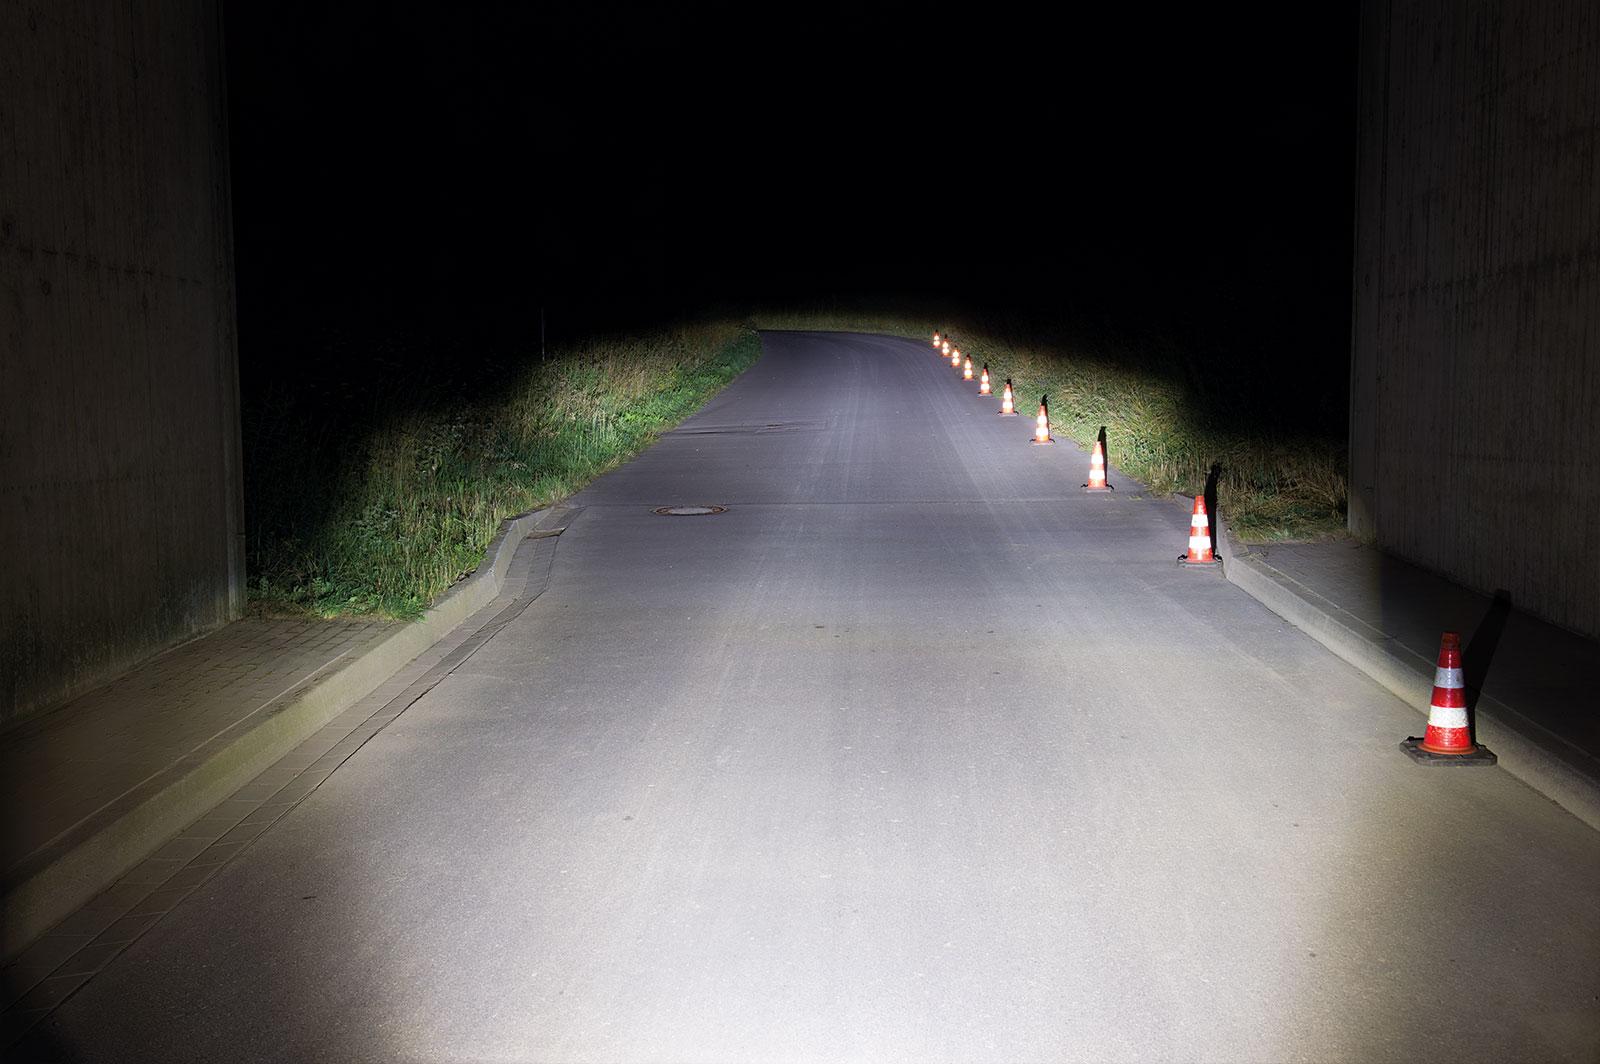 e-Bike Beleuchtung mit einer Lichtmenge von 100 LUX